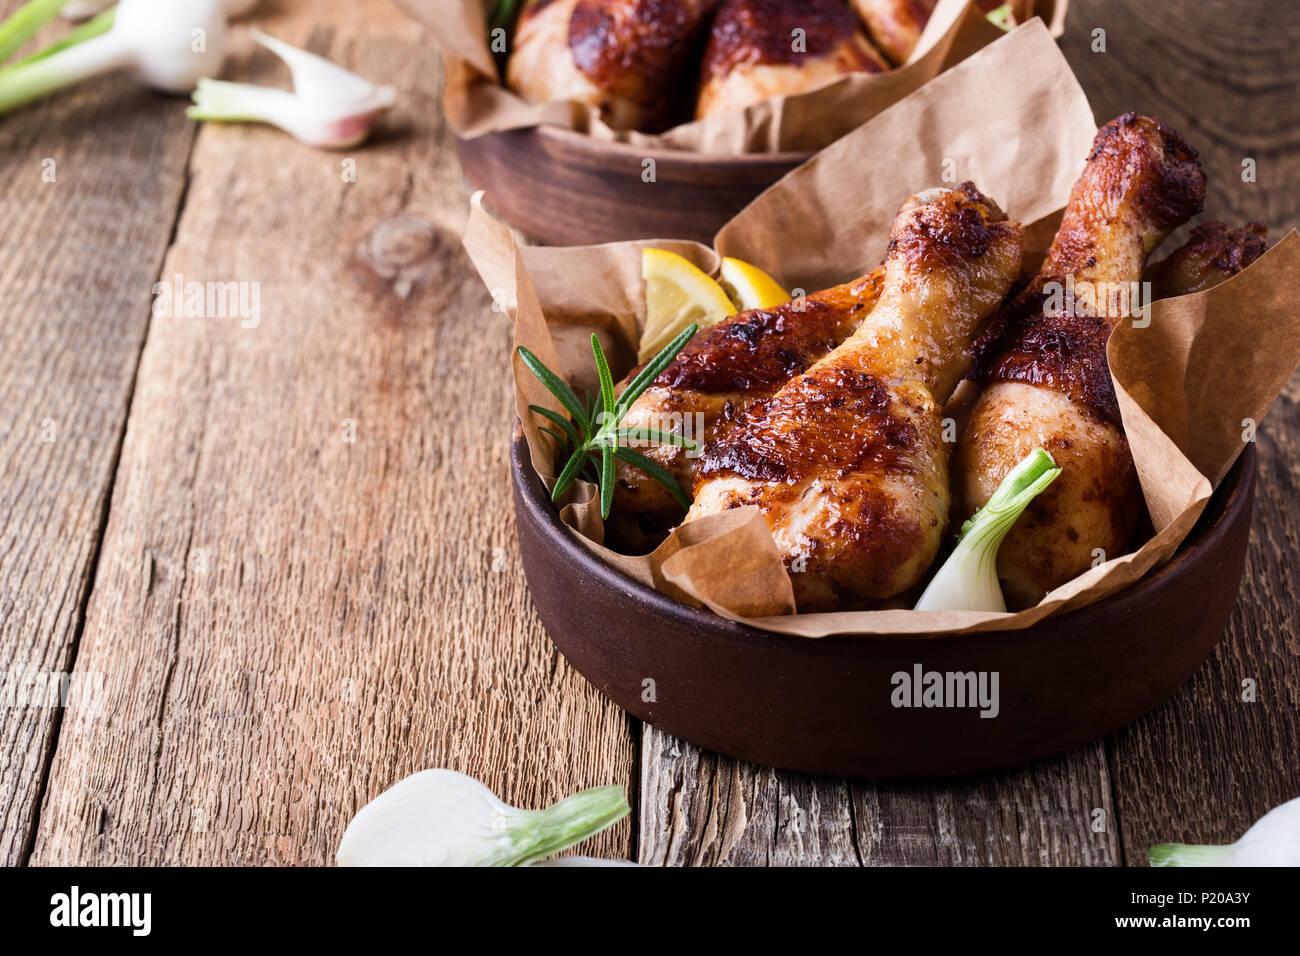 Pollo arrosto cosce di pollo disossate in vaso in ceramica su tavola in legno rustico, cibo preferito Immagini Stock